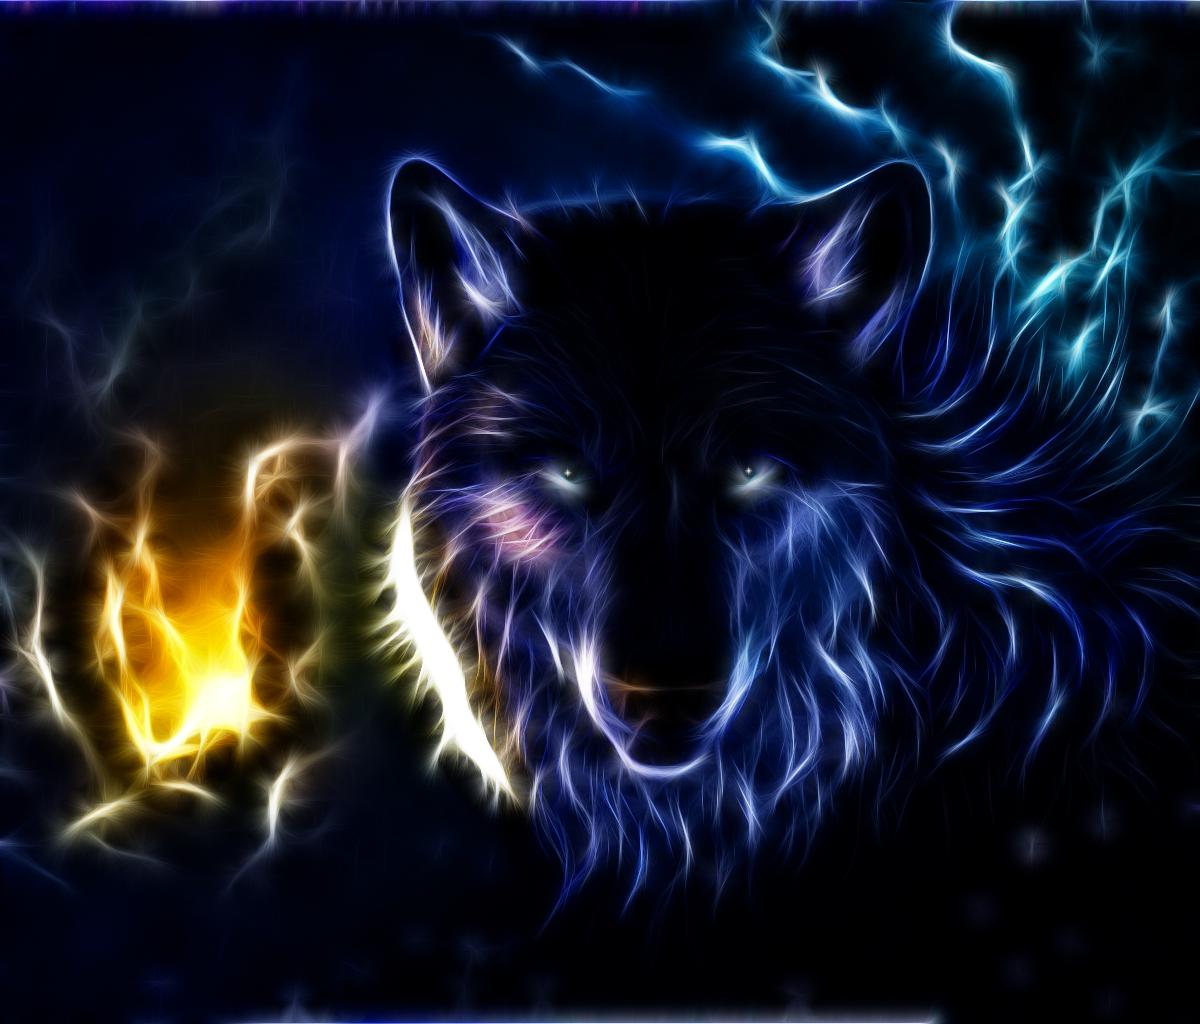 Мерзни, крутые картинки про волков